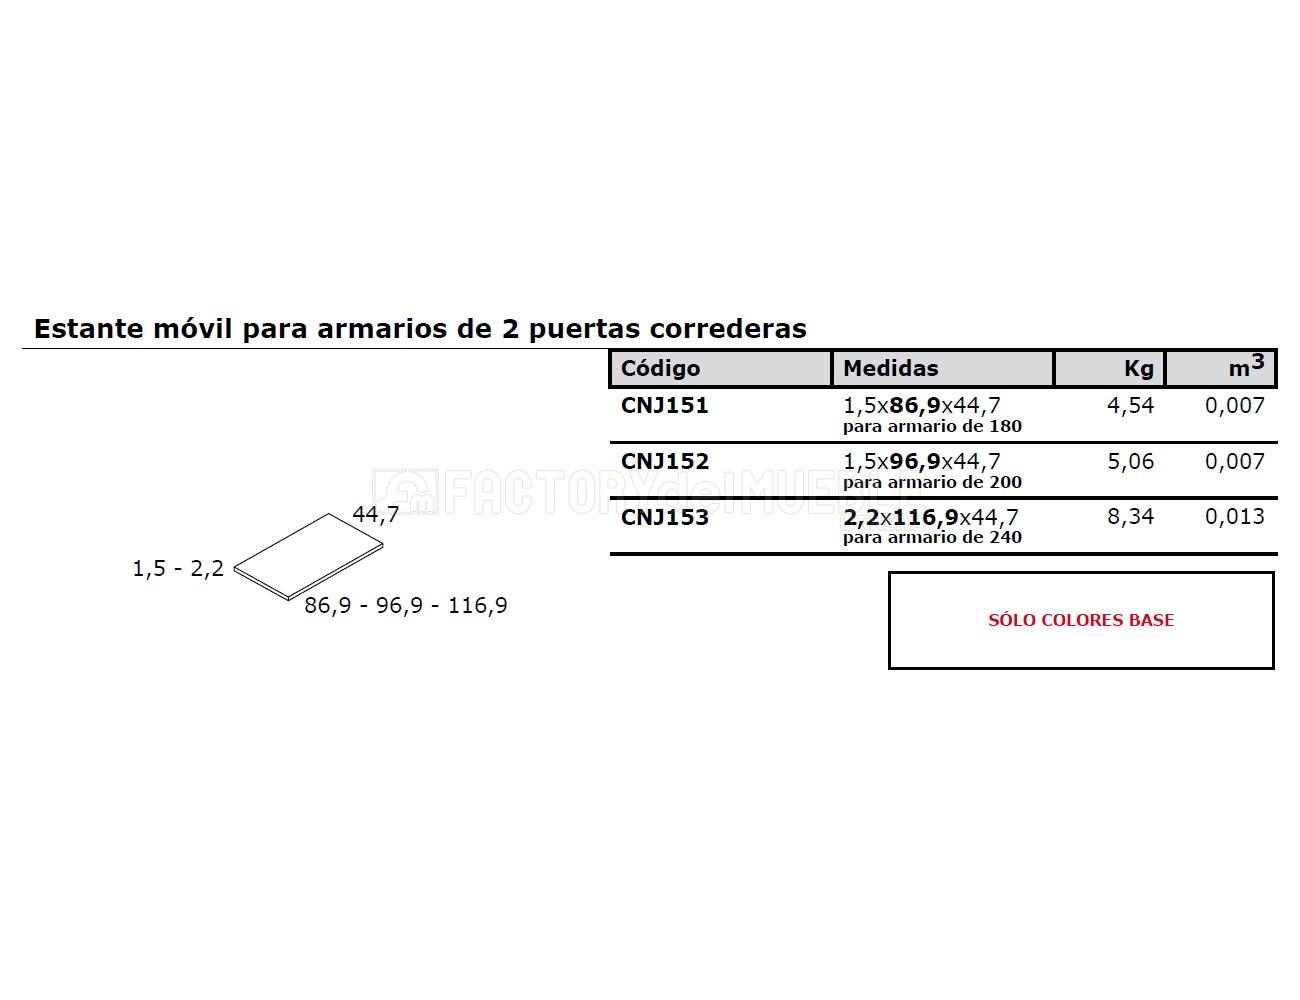 Estante cnj151 152 1531